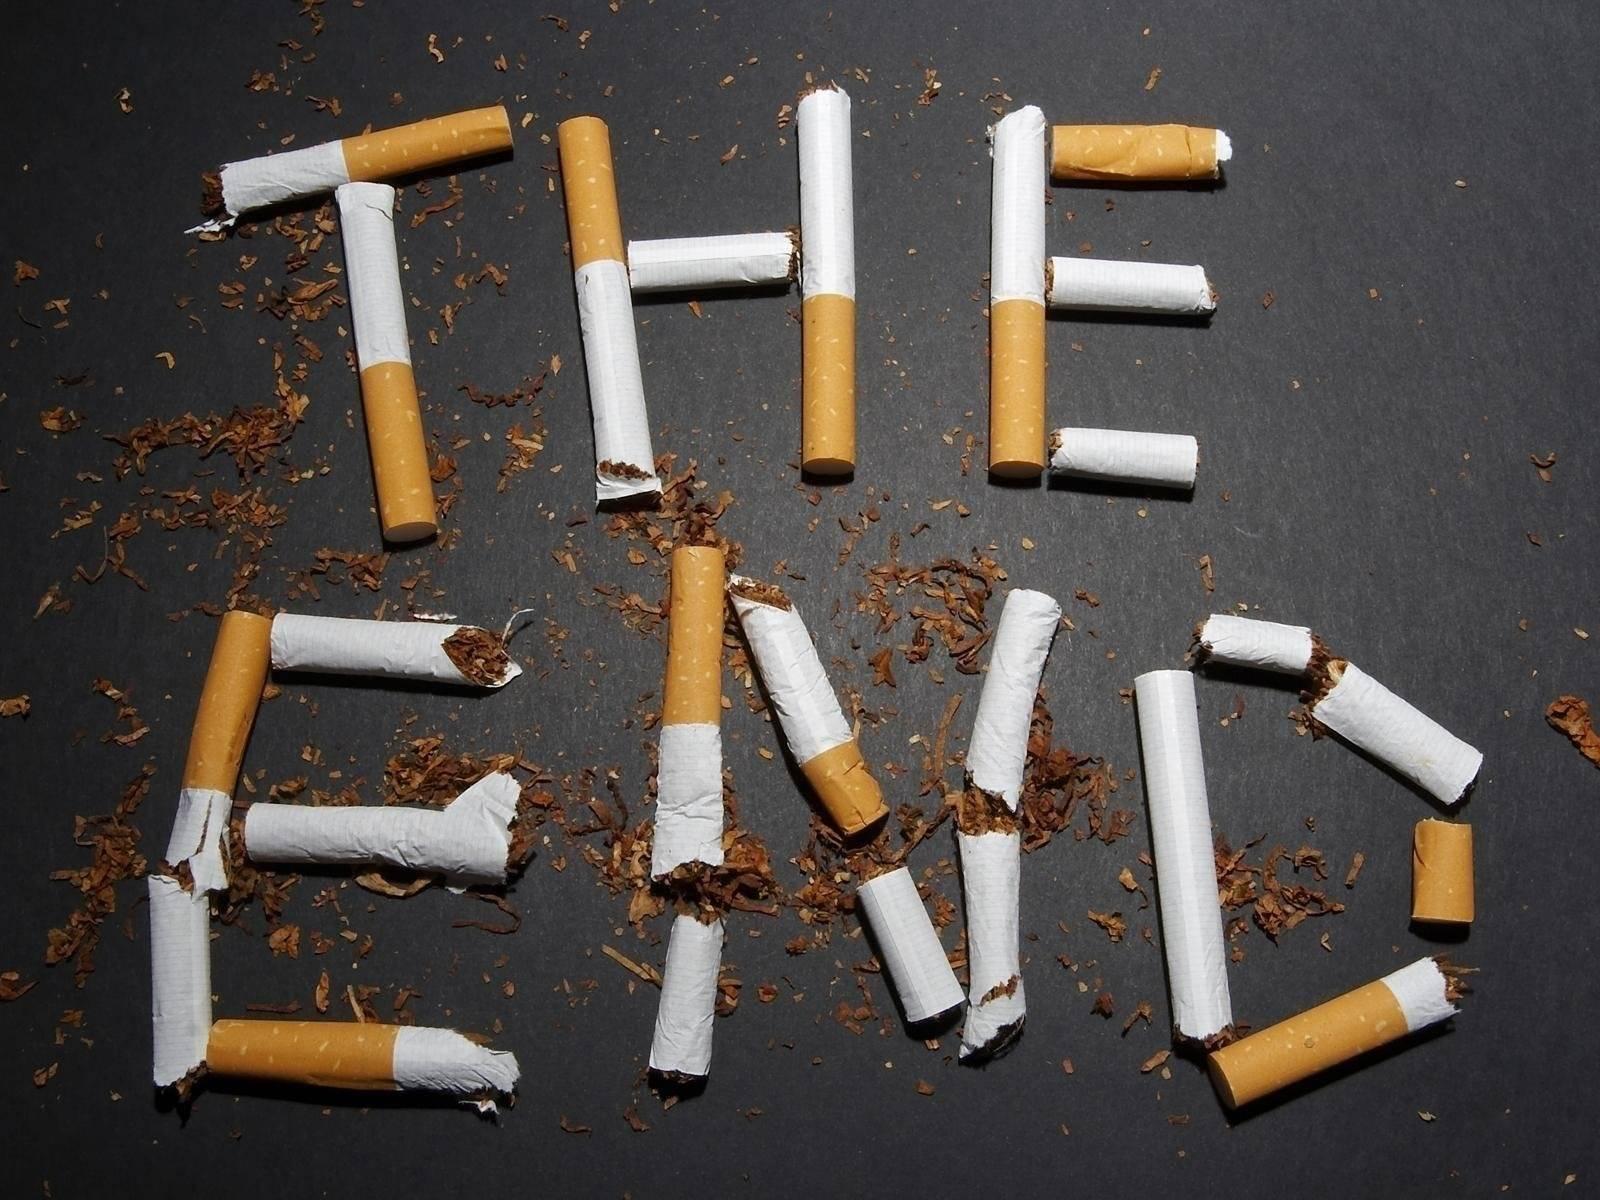 با اجتناب کردن از مصرف دخانیات